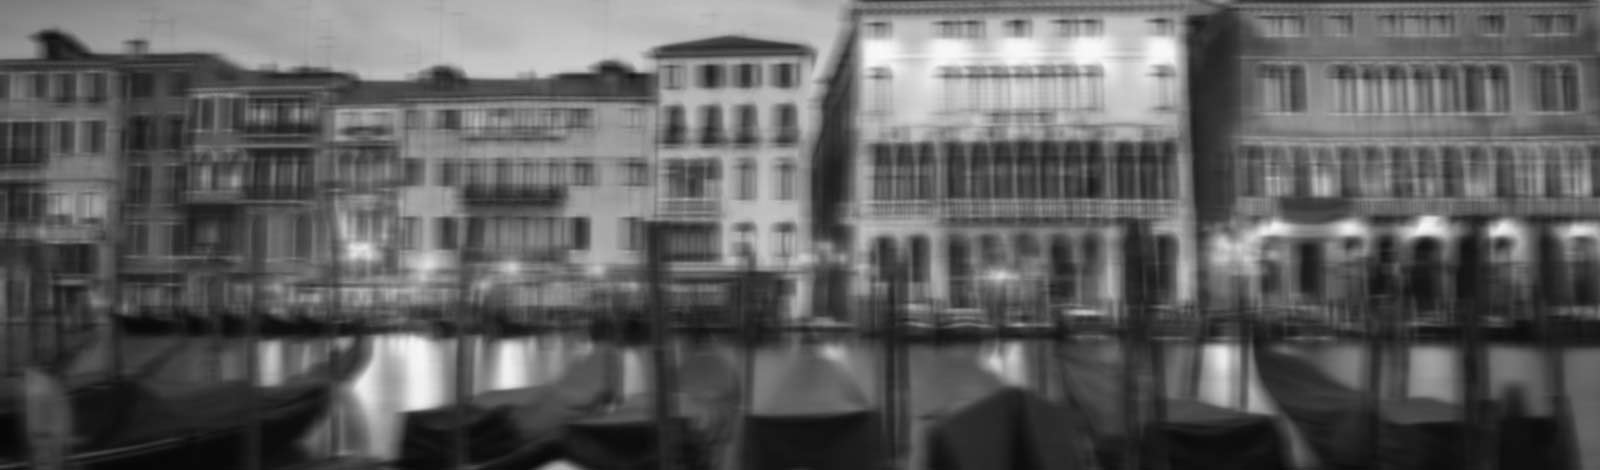 sfondo-venezia4